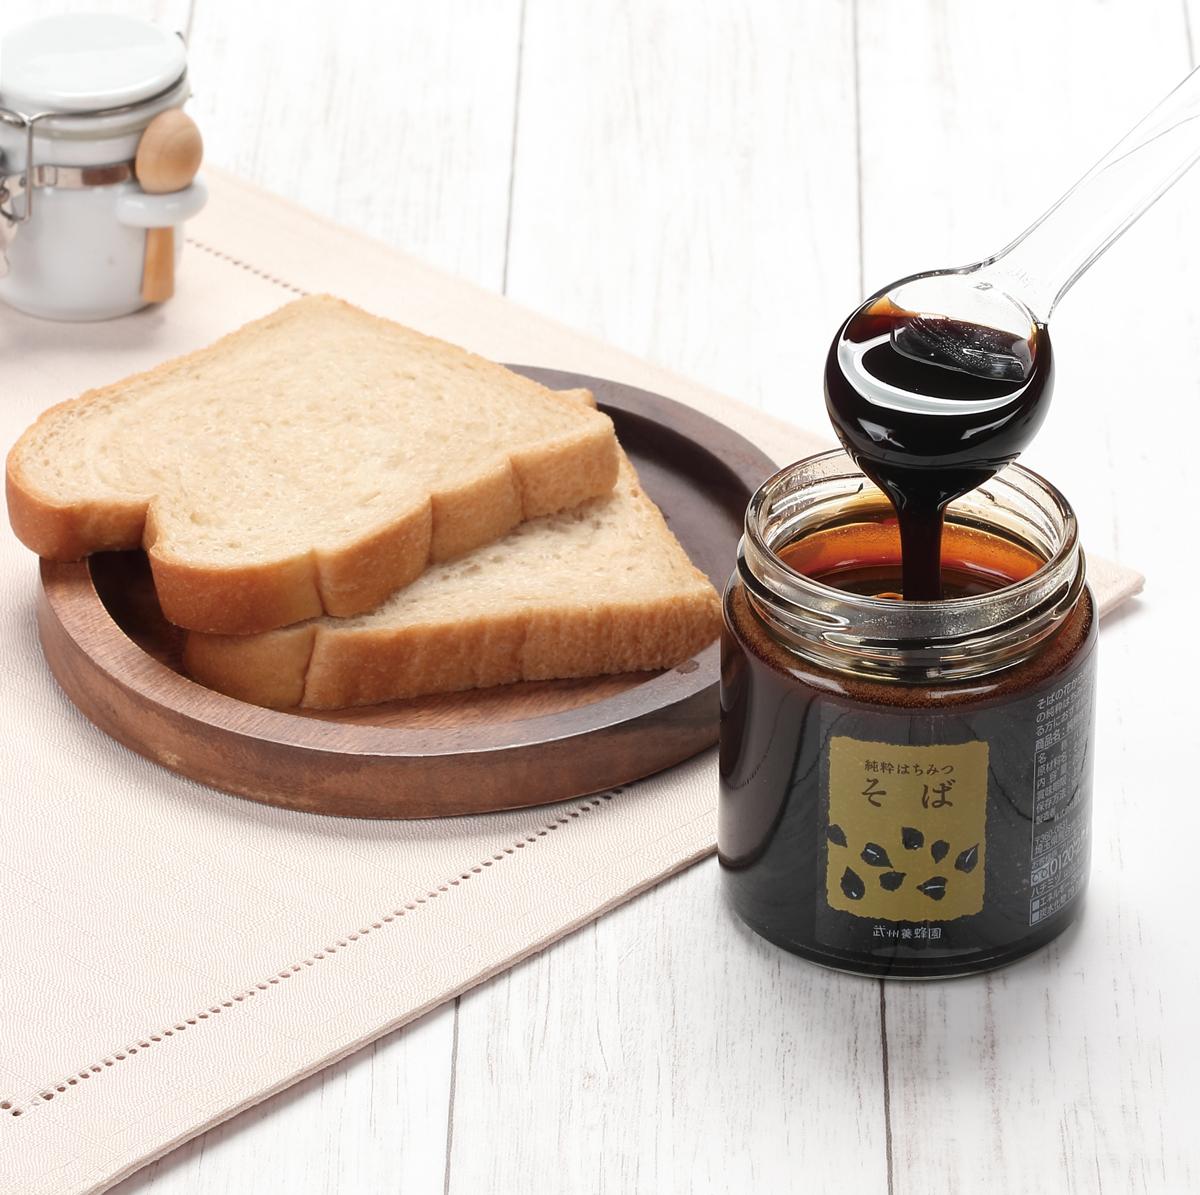 そば蜂蜜+パン